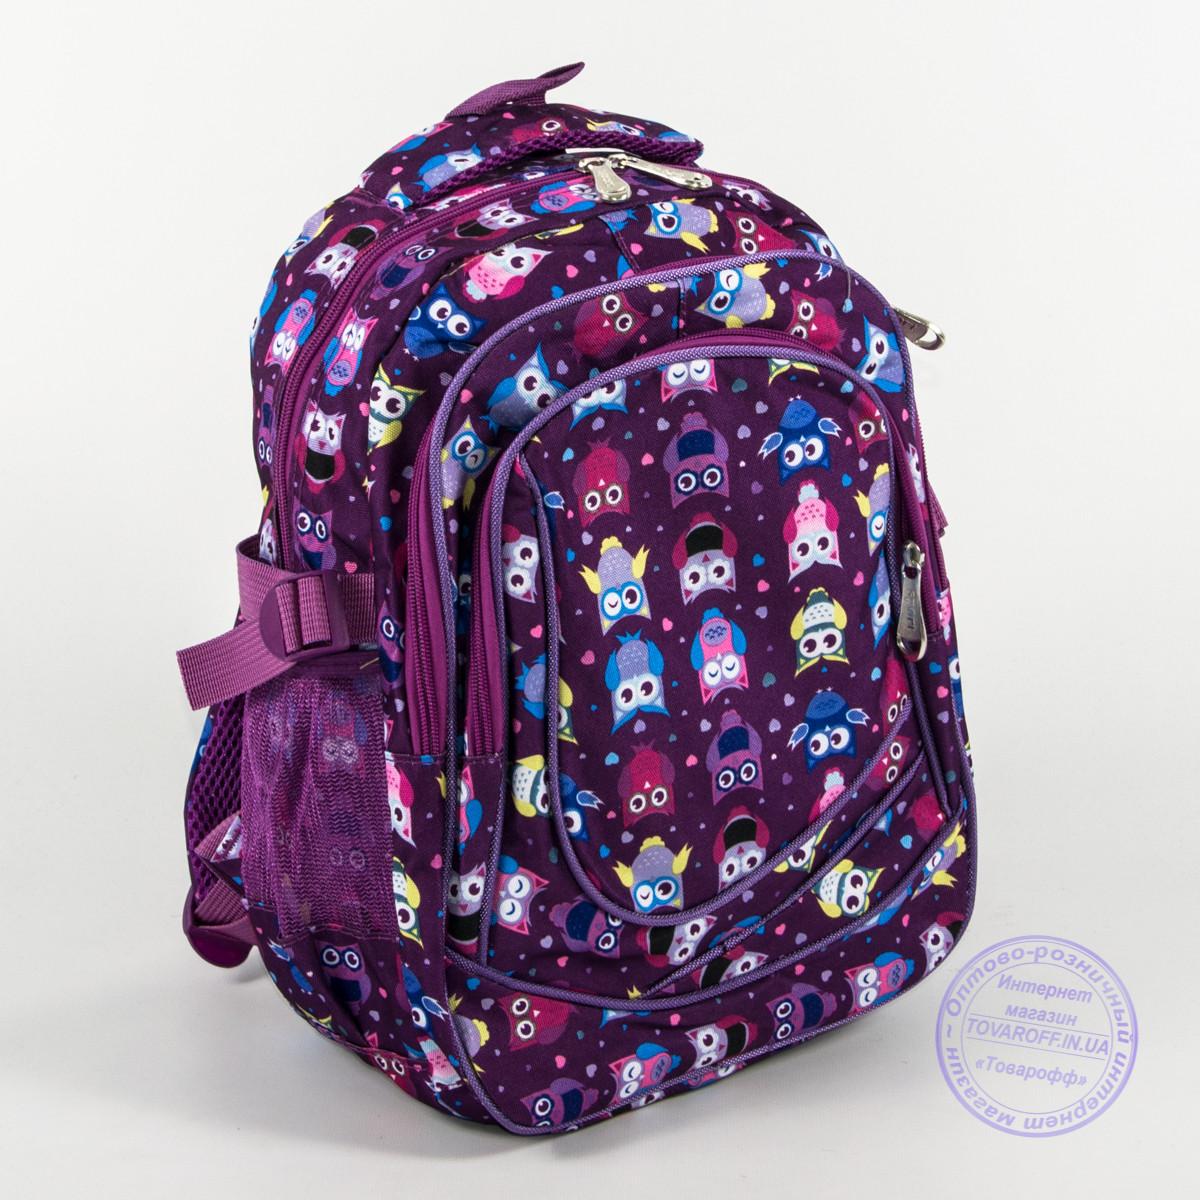 Школьный/прогулочный рюкзак для девочек с совами - сиреневый - 104